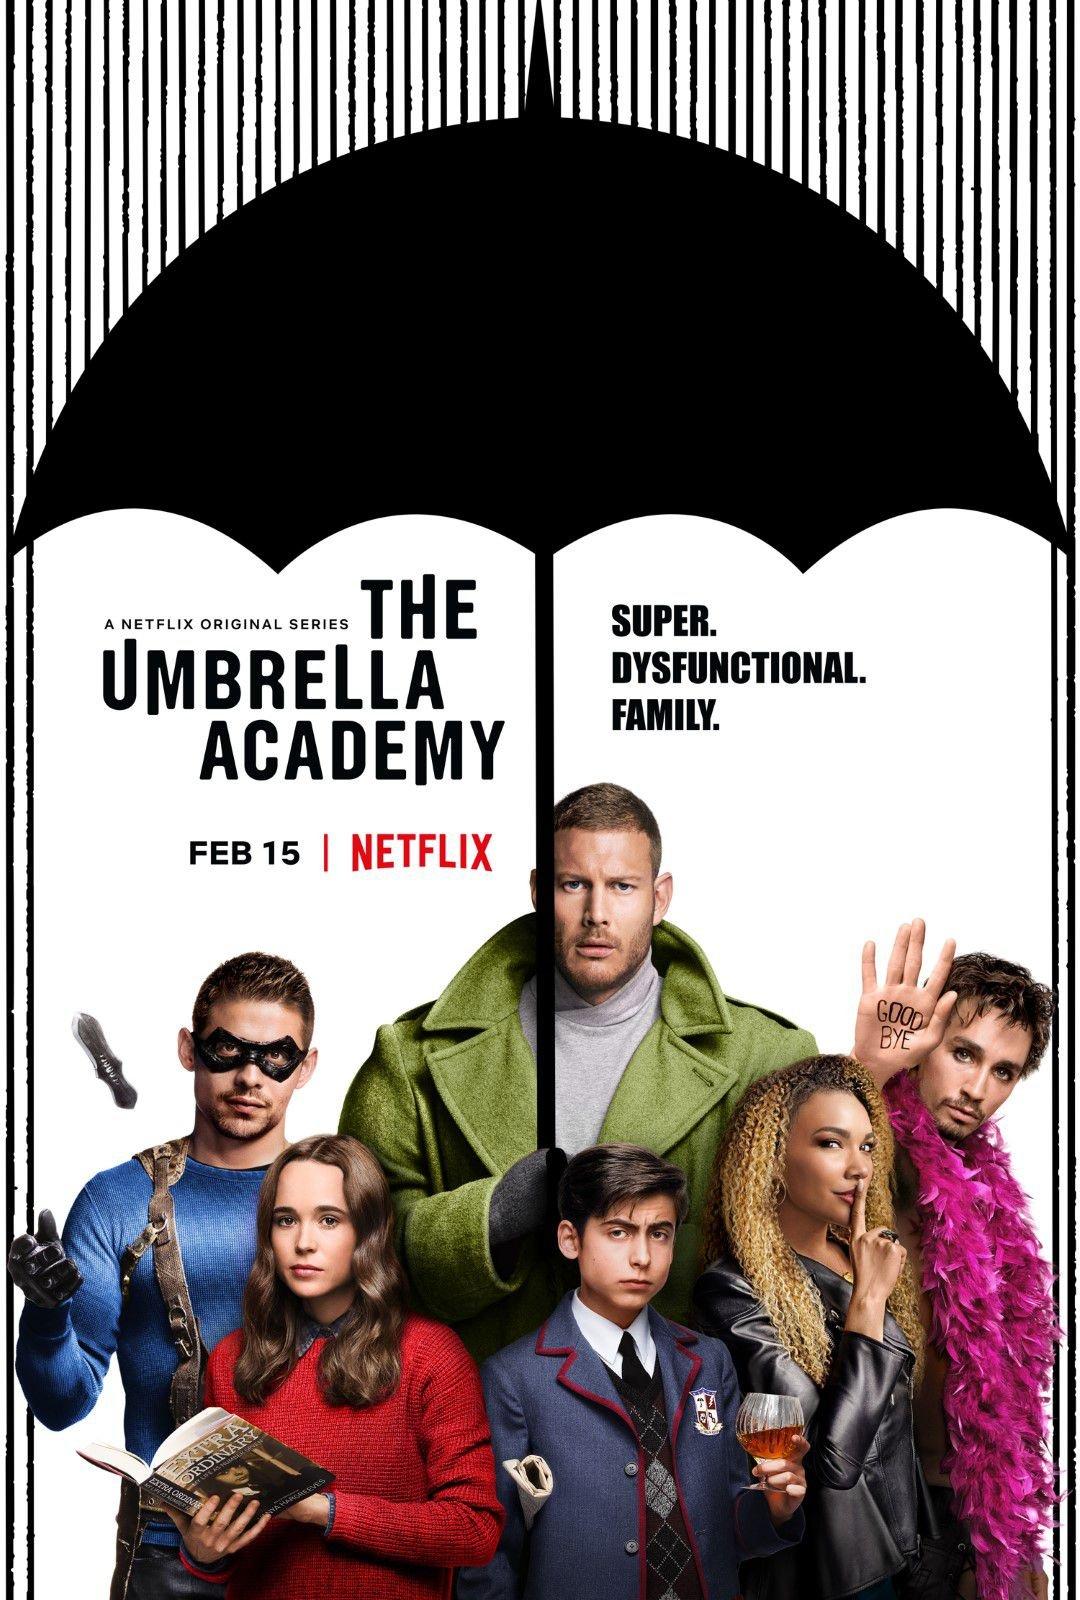 Una mirada a The Umbrella Academy de Netflix, acción y música pop de principio a fin